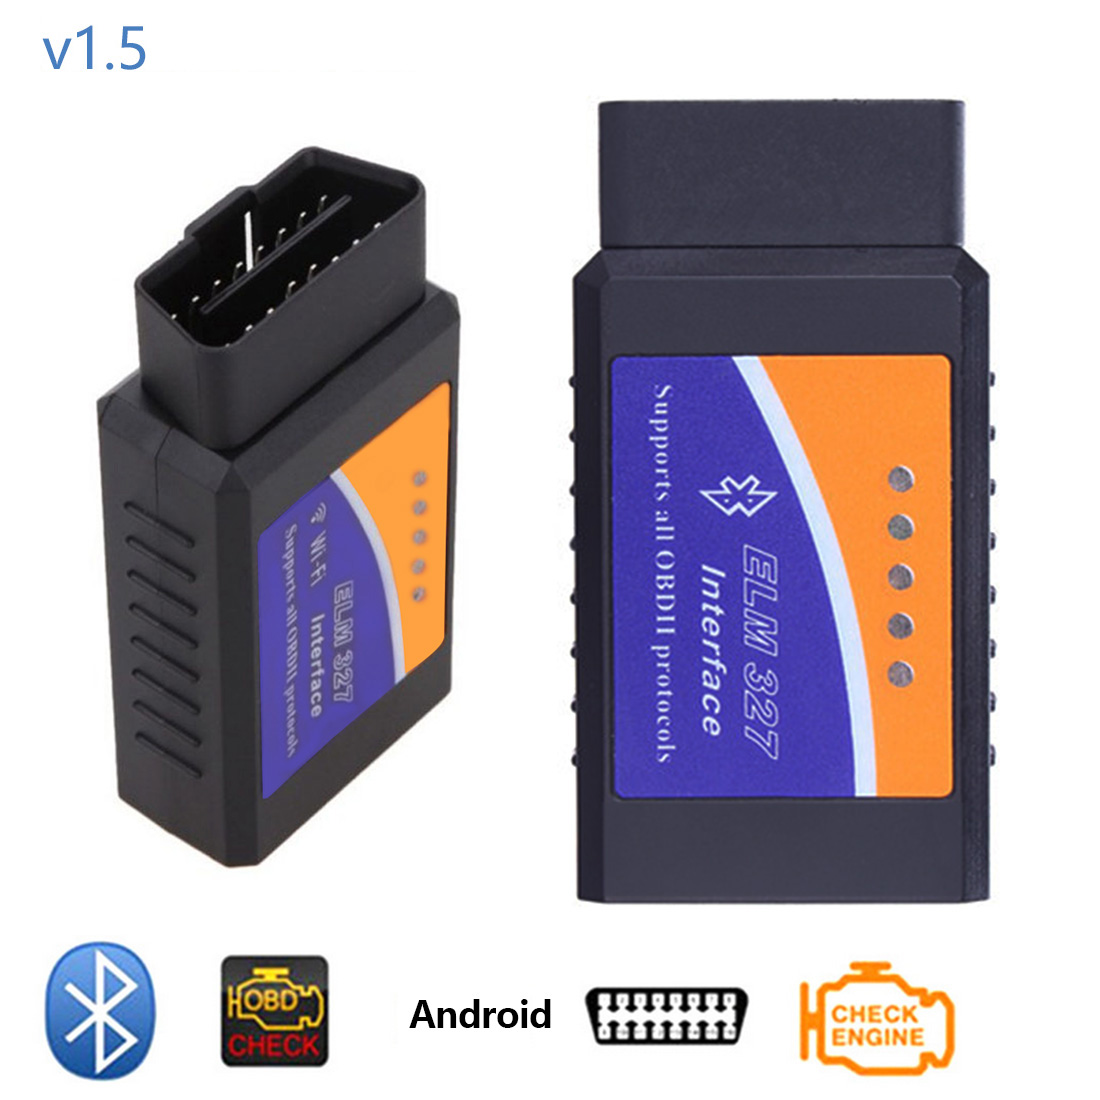 Dewtreetali автомобиля диагностический инструмент ELM327 USB V1.5 PIC18F25K80 чип Bluetooth сканирования Интерфейс OBDII Авто Code Reader OBD2 ELM 327